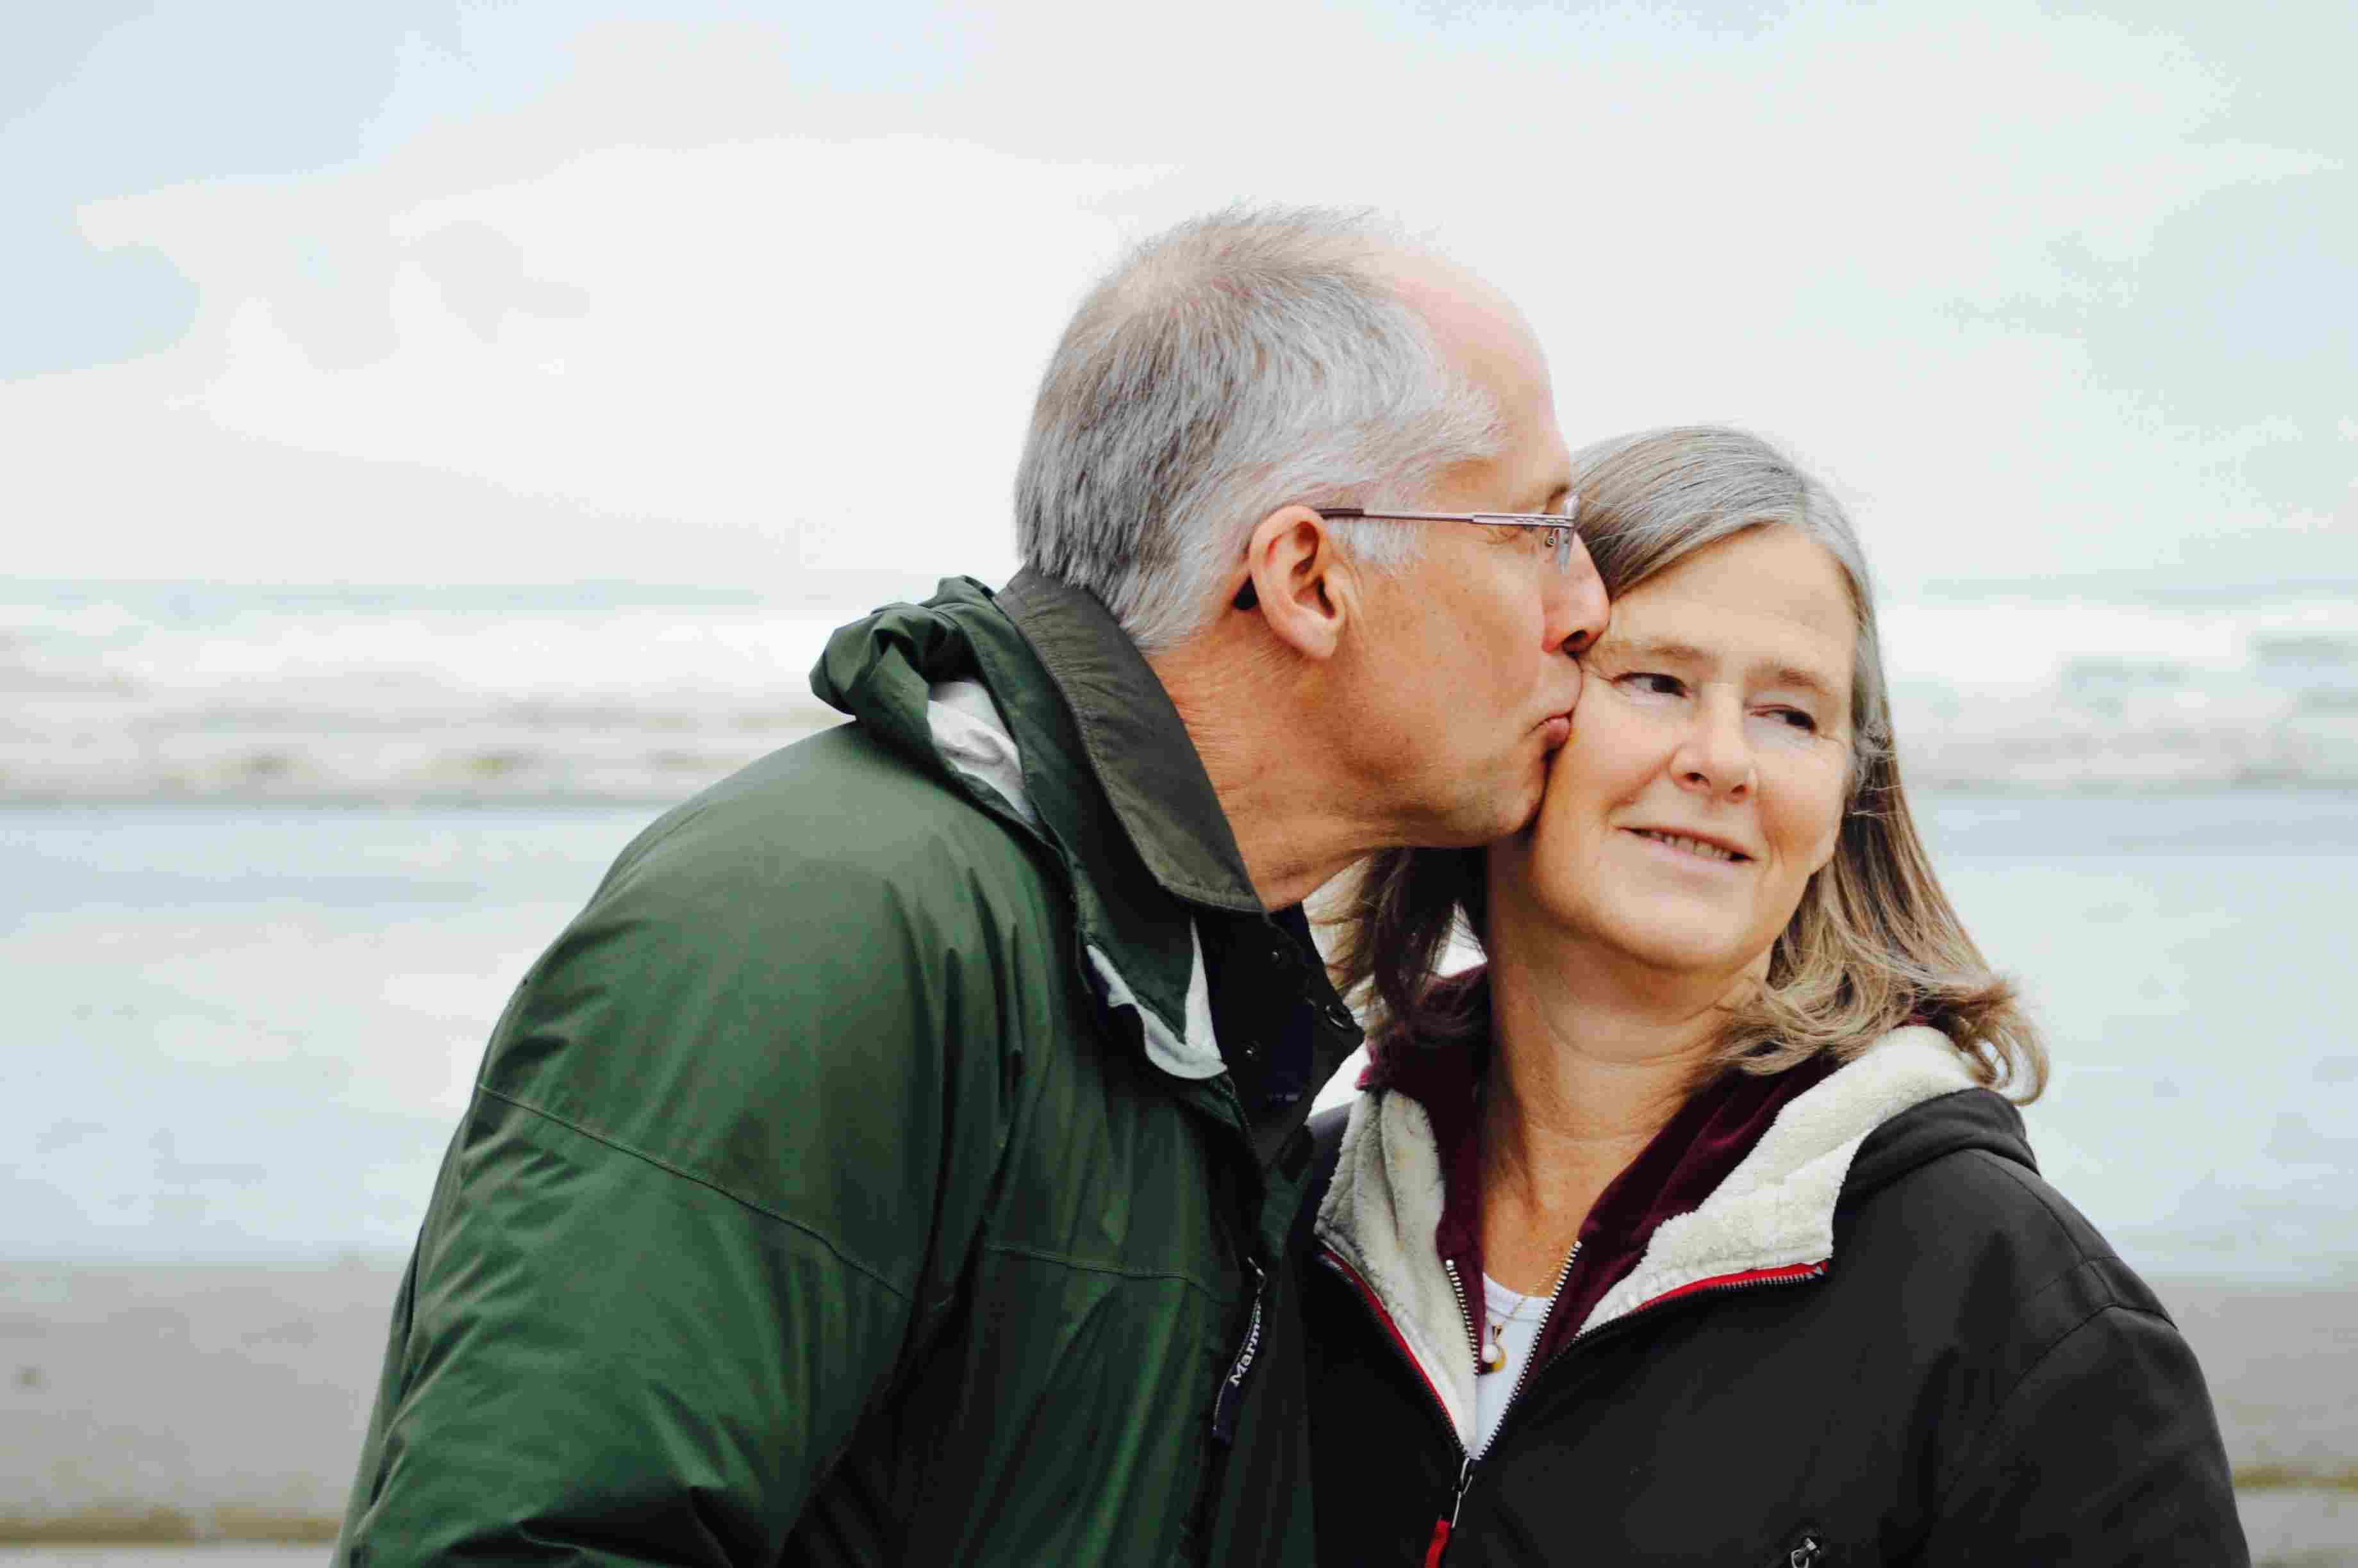 Οι περισσότερες αλλαγές γίνονται σταδιακά κατά την εμμηνόπαυση.